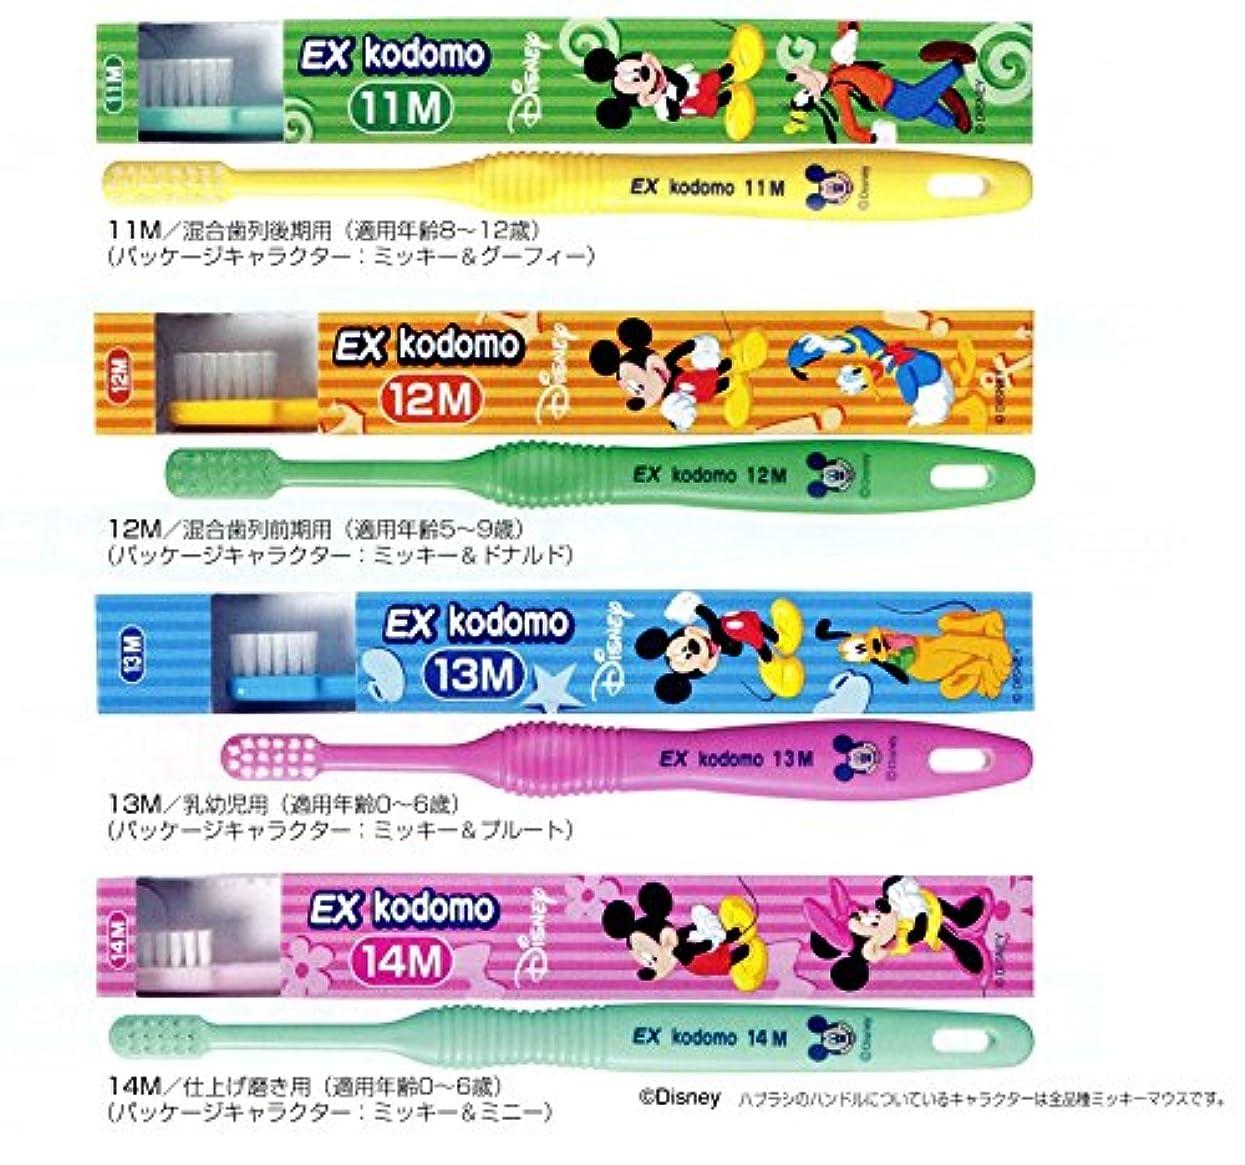 チューリップ急性インドライオン コドモ ディズニー DENT.EX kodomo Disney 1本 11M ピンク (8?12歳)